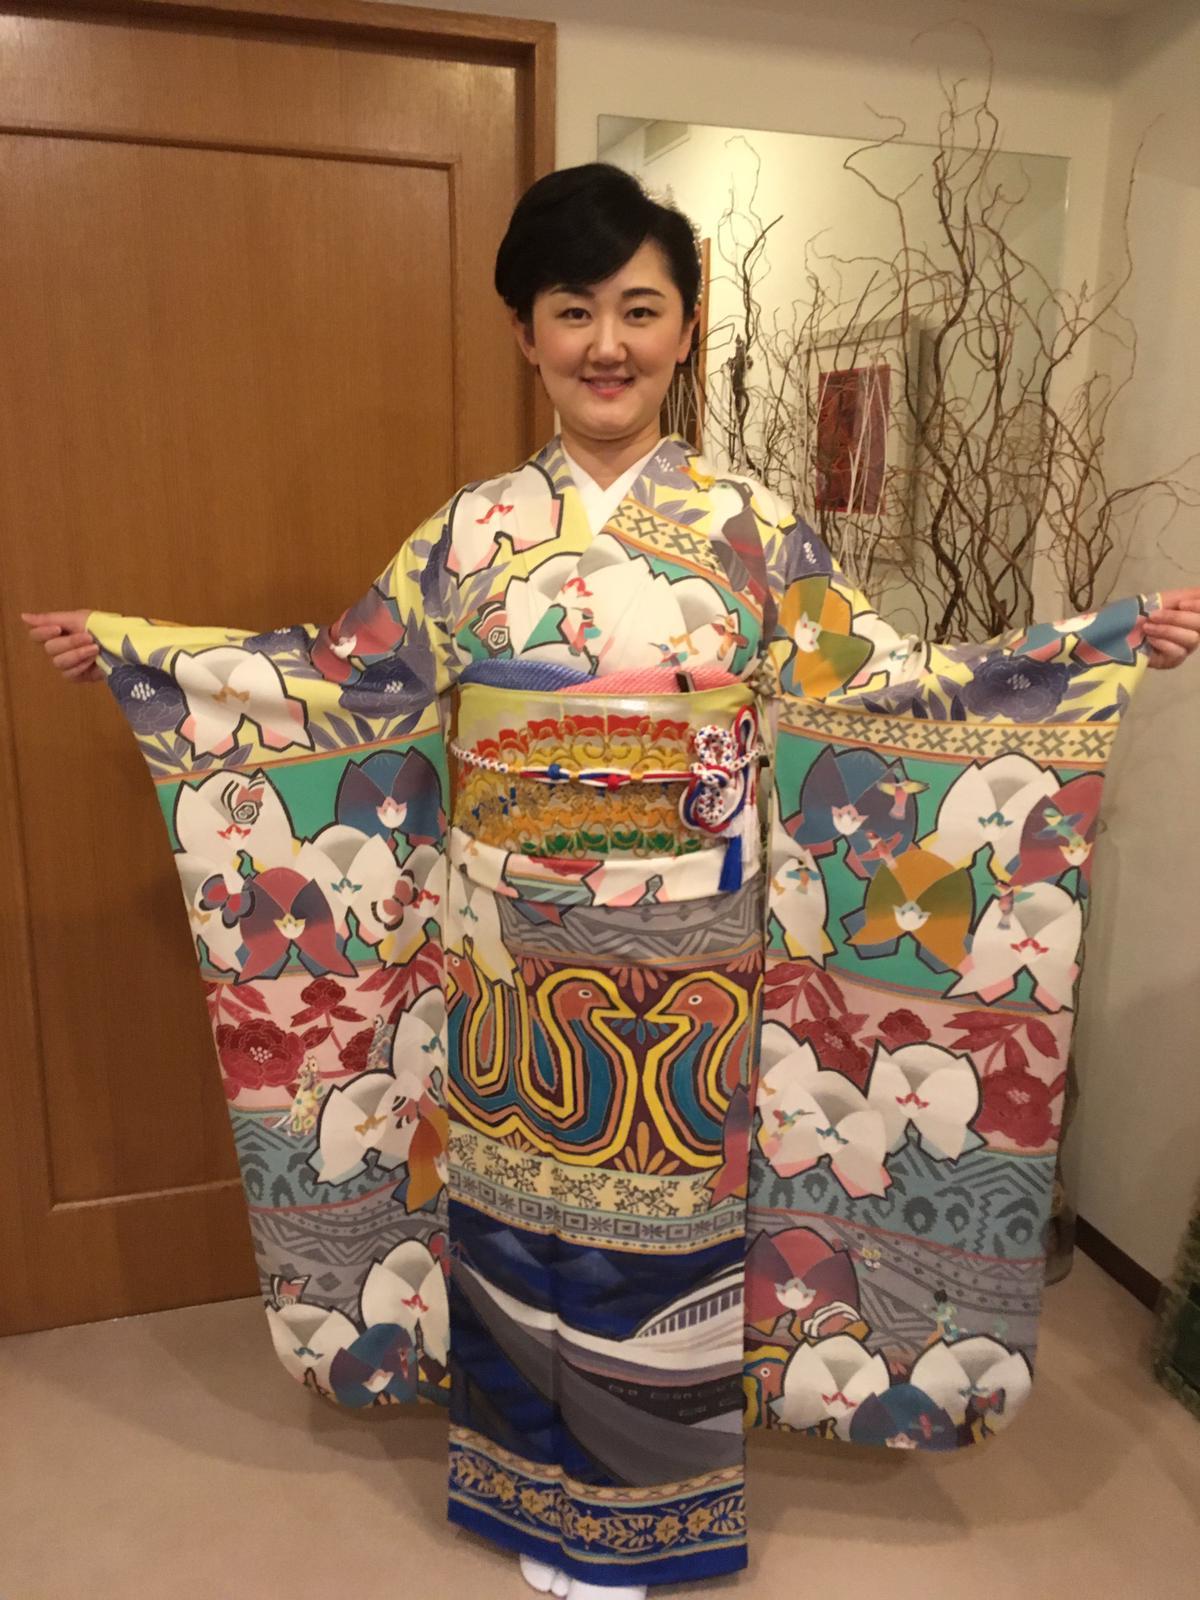 大使夫人とパナマデザインの着物(前部分)